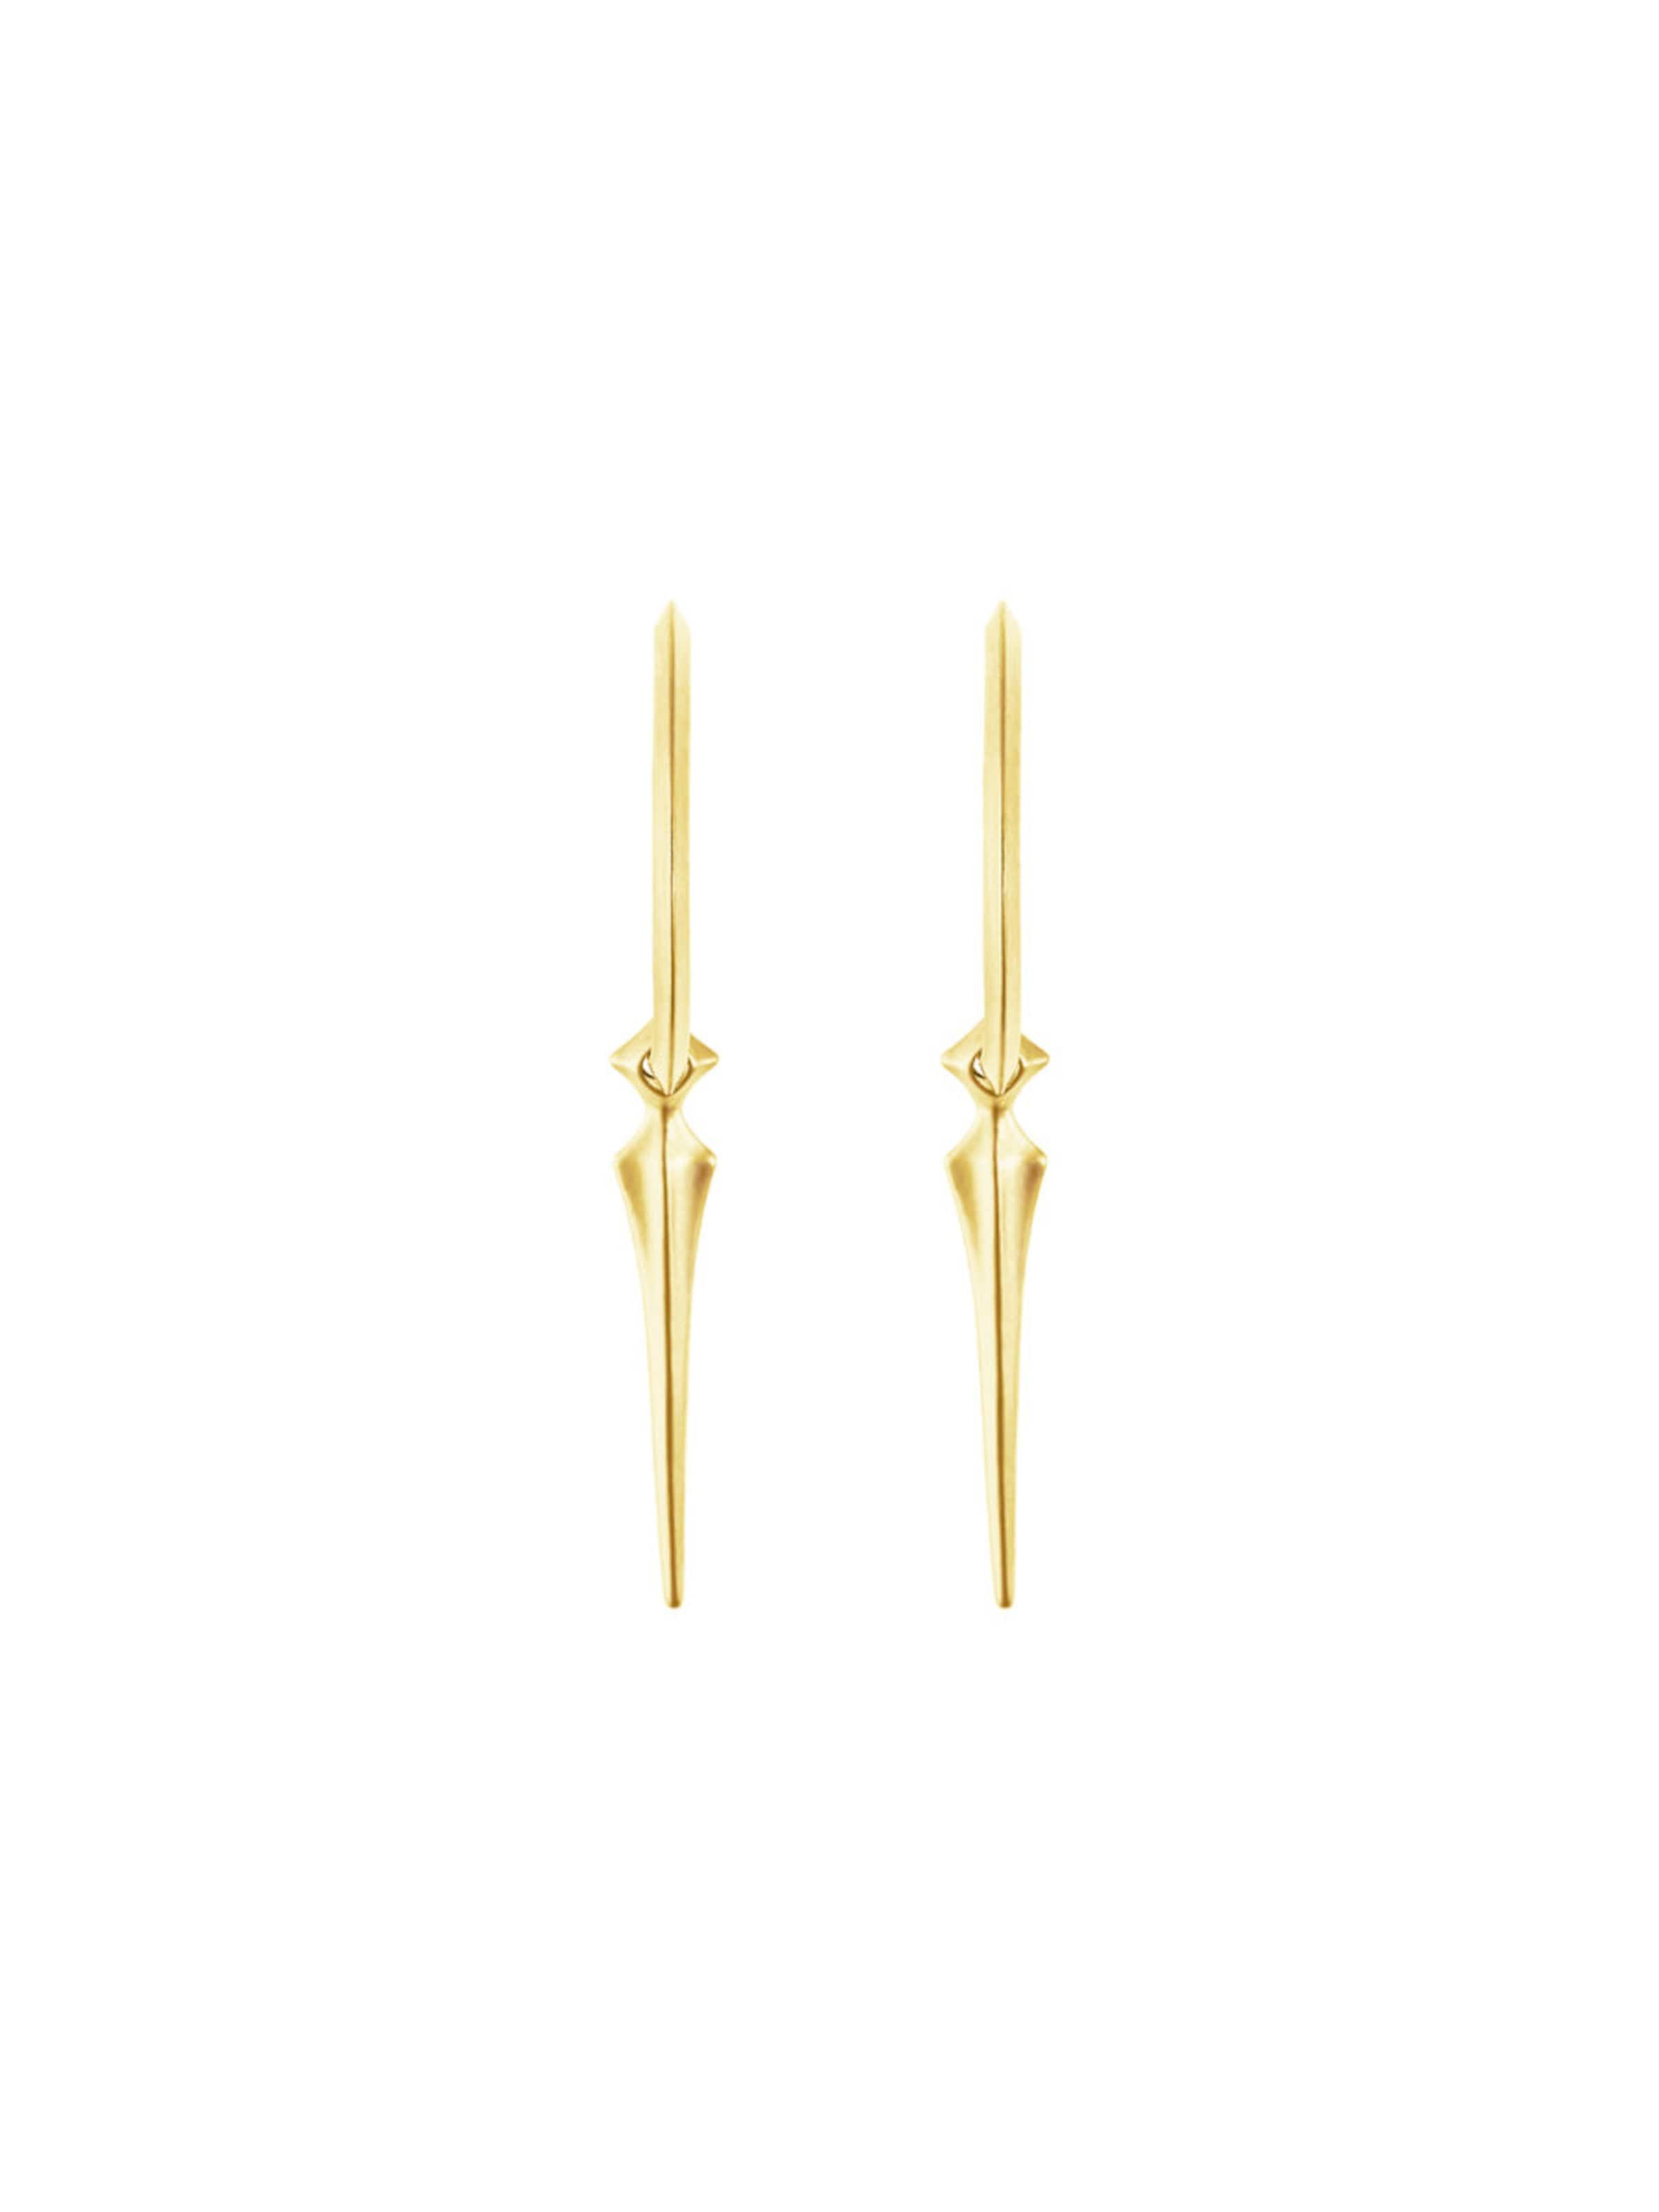 ID Fine Spear Hoop Ohrringe Spielraum Vorbestellung Rabatt Bekommen Billig Verkaufen Pick Eine Beste iI9j1x4